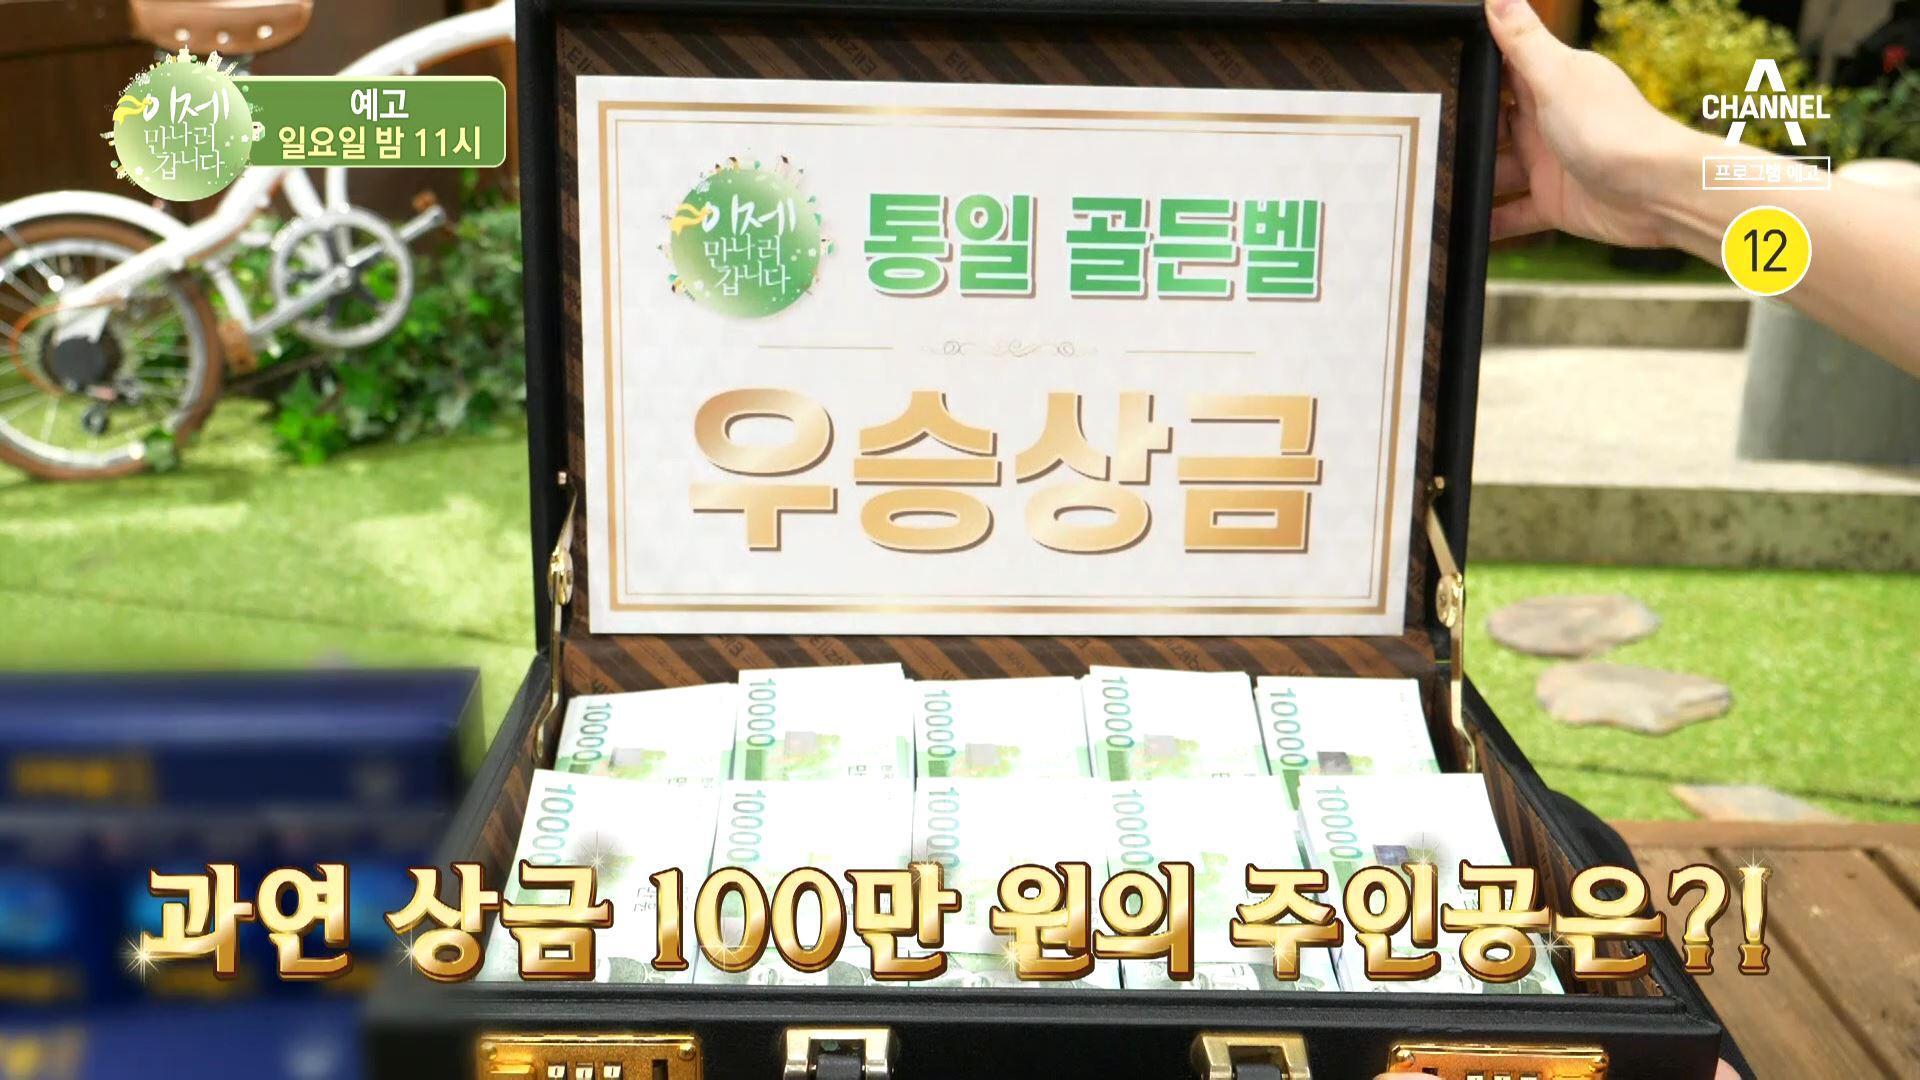 [예고] 100만원의 상금을 위한 치열한 경쟁, 특집!....